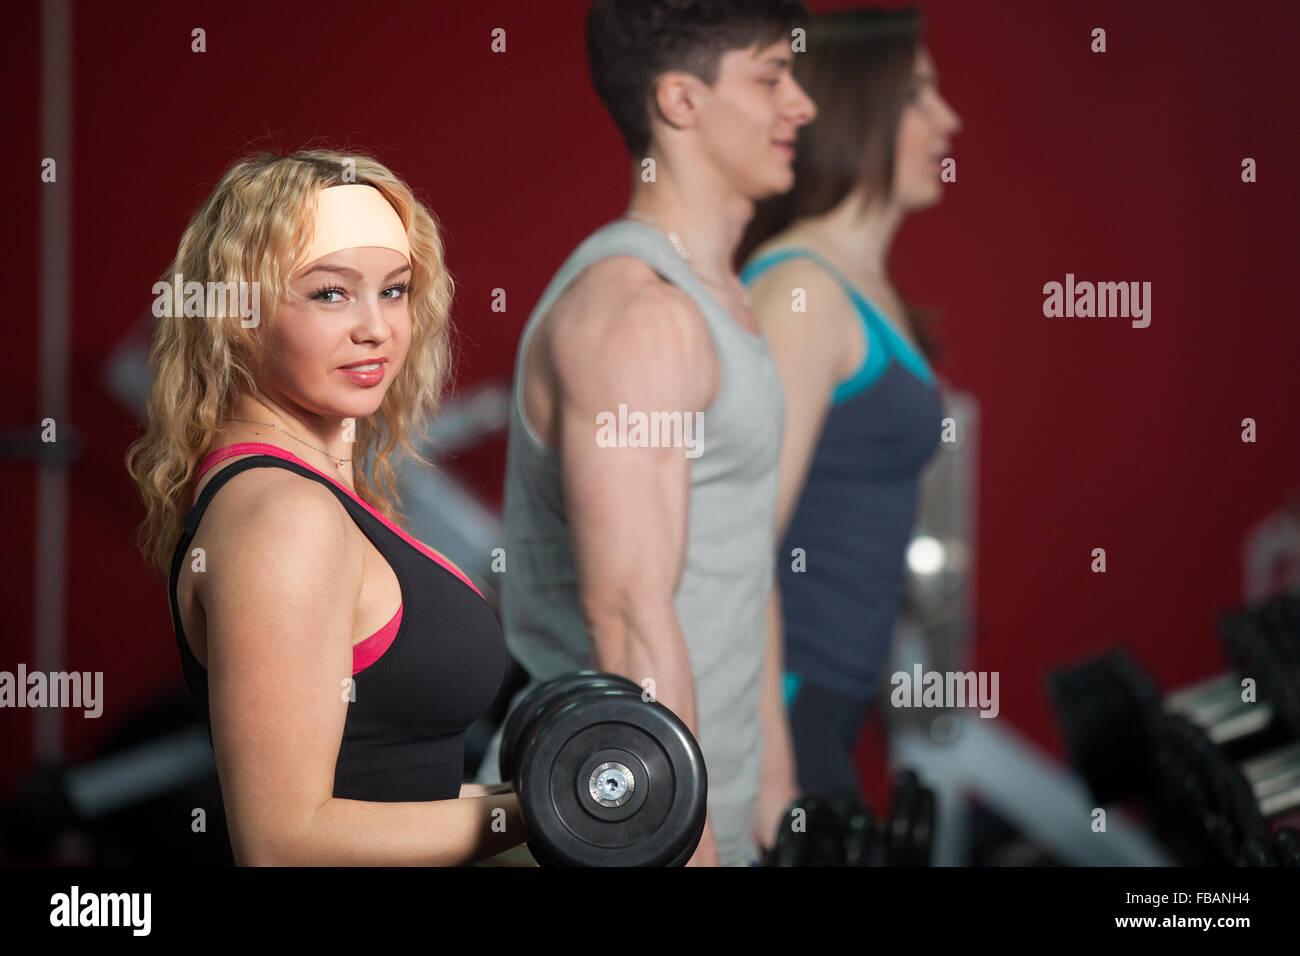 Grupo de personas deportivo Hacer culturismo ejercicios con pesas en el gimnasio Imagen De Stock